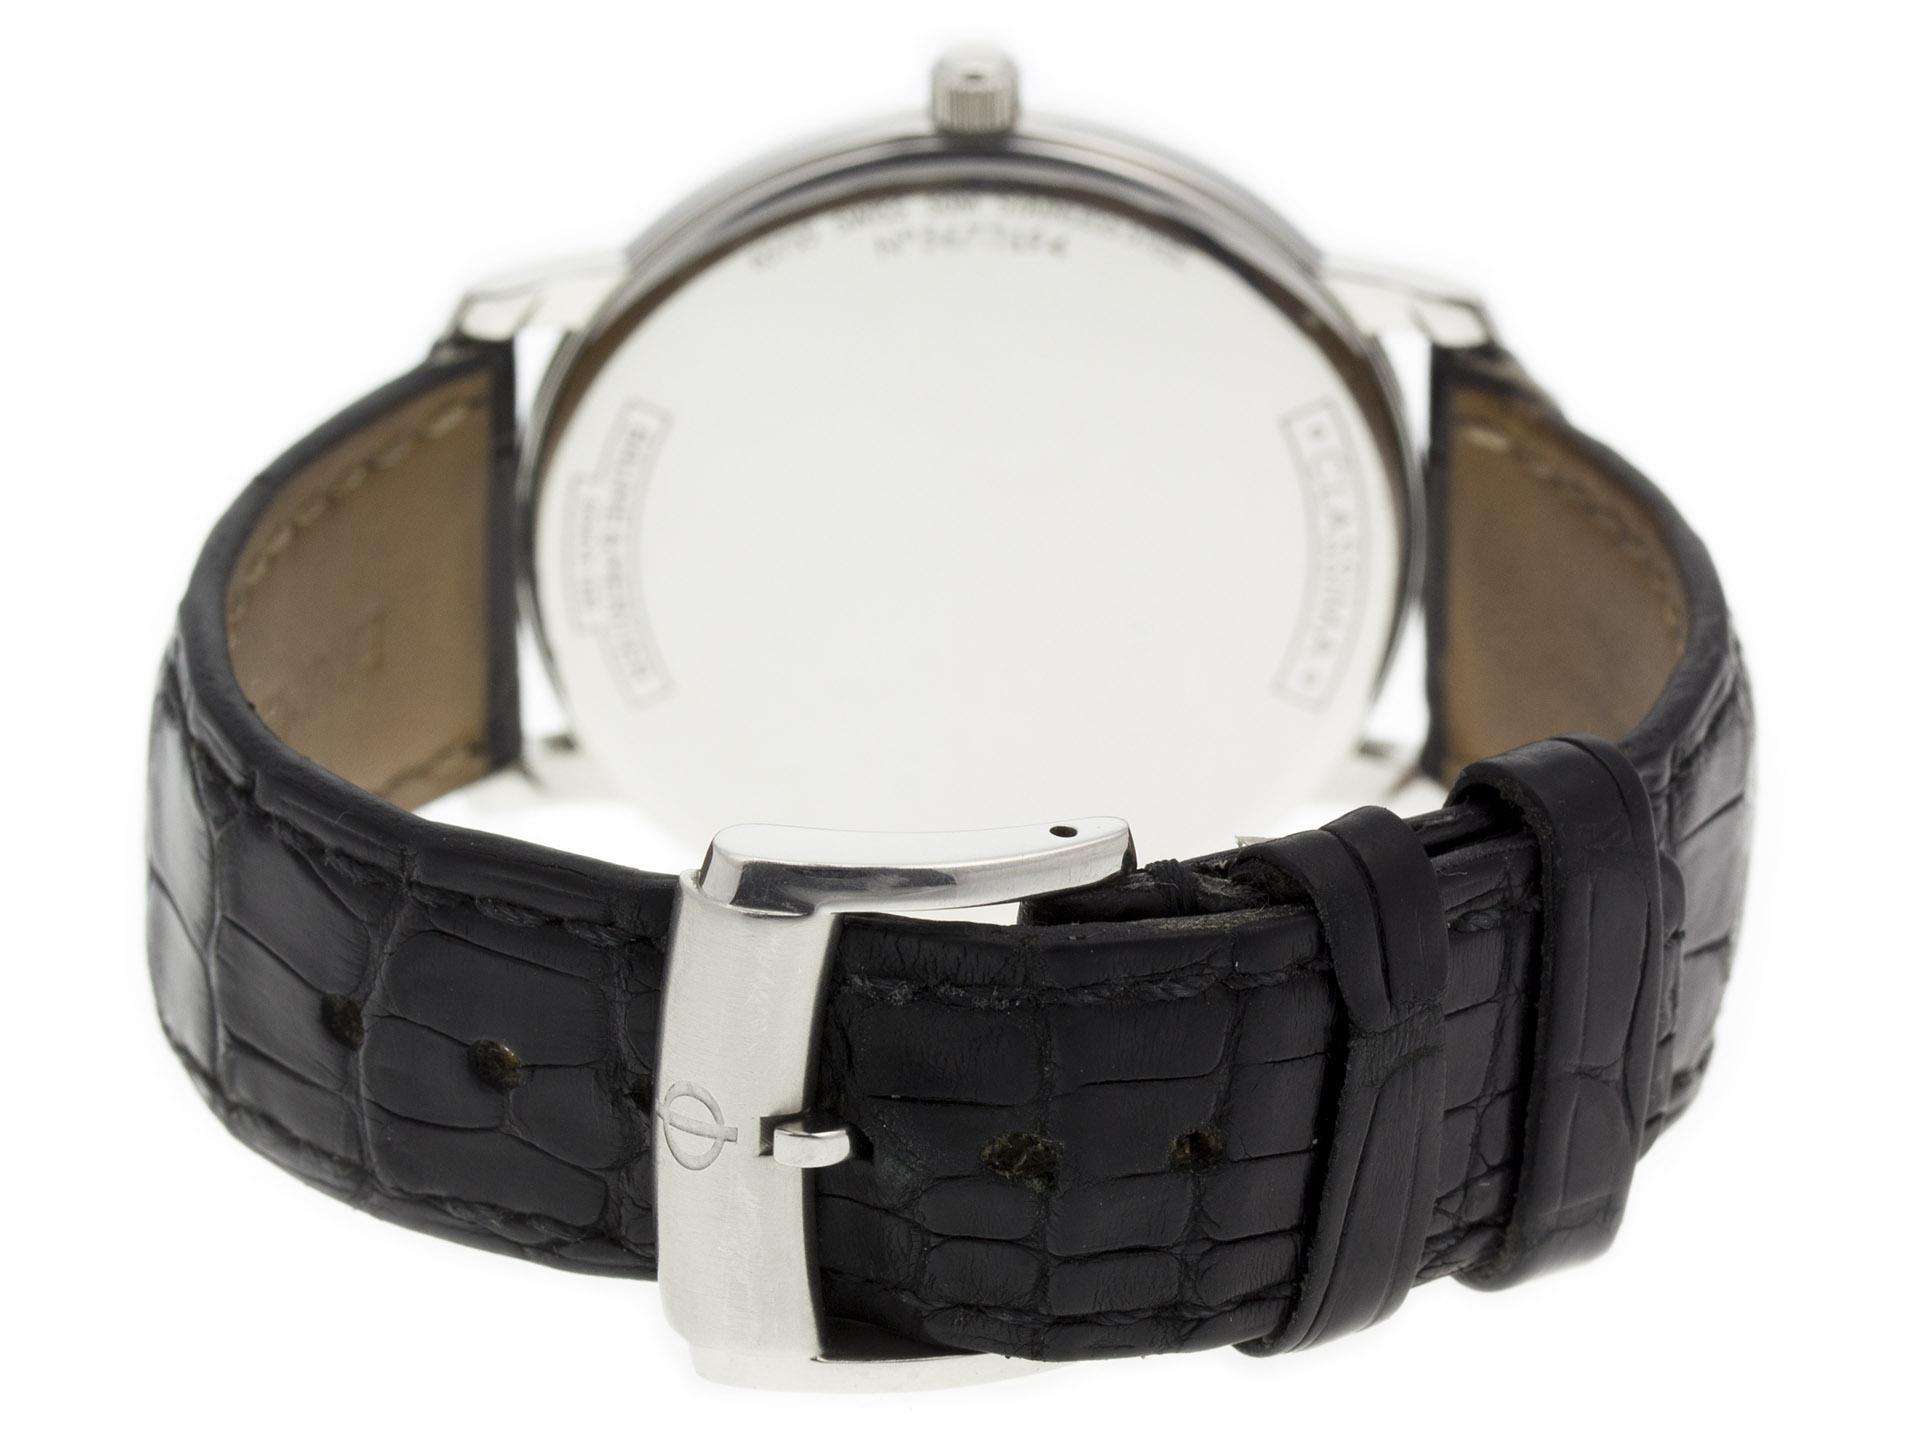 b0c679152d0 Baume   Mercier Classima Executives MOA10097 • Precision Watches ...